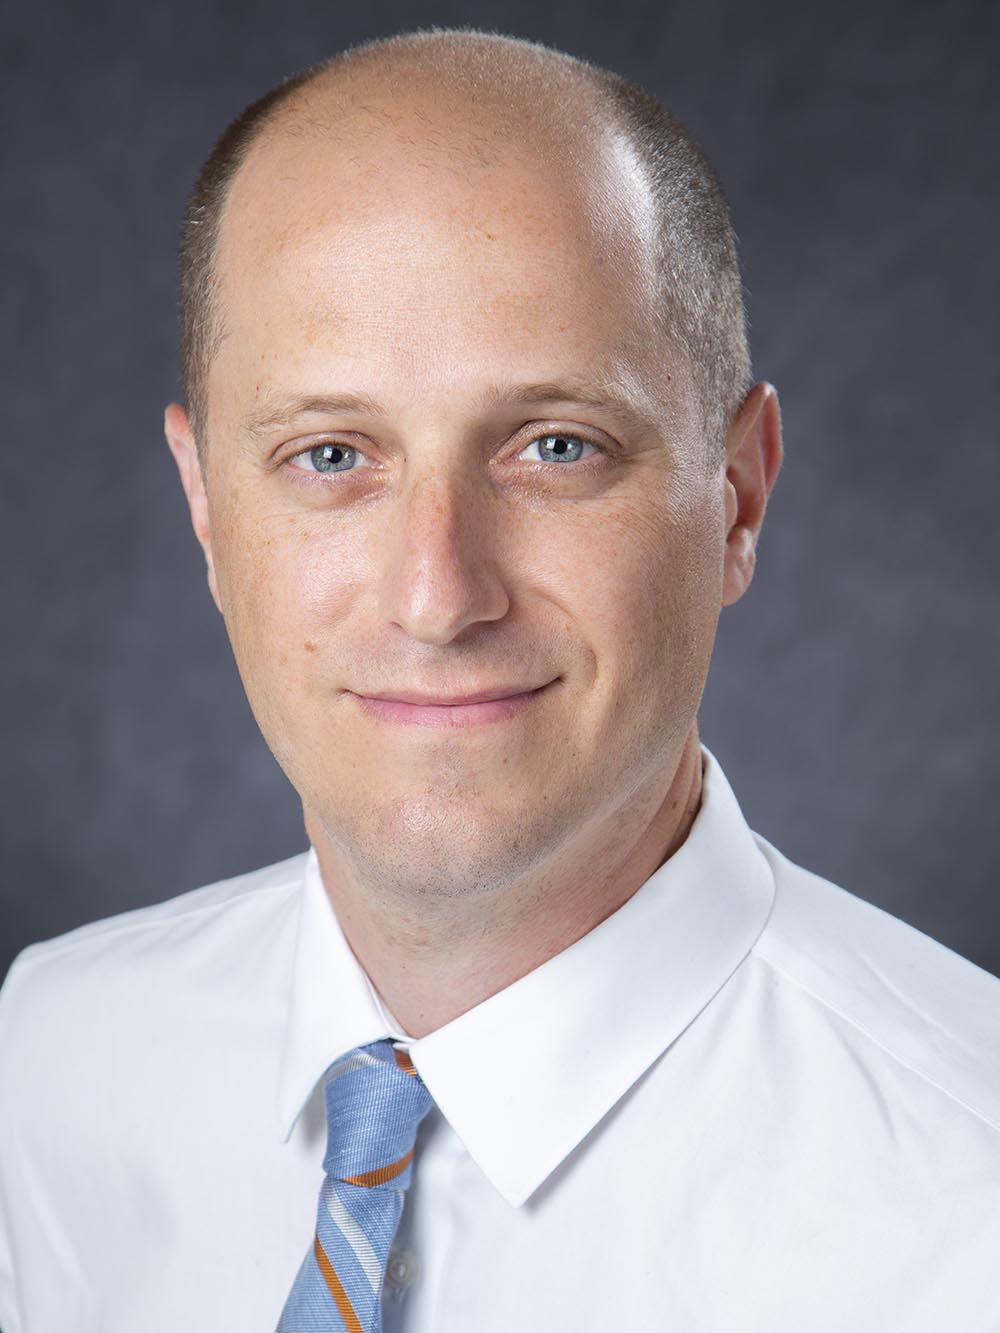 Jason Patregnani, MD, MBA